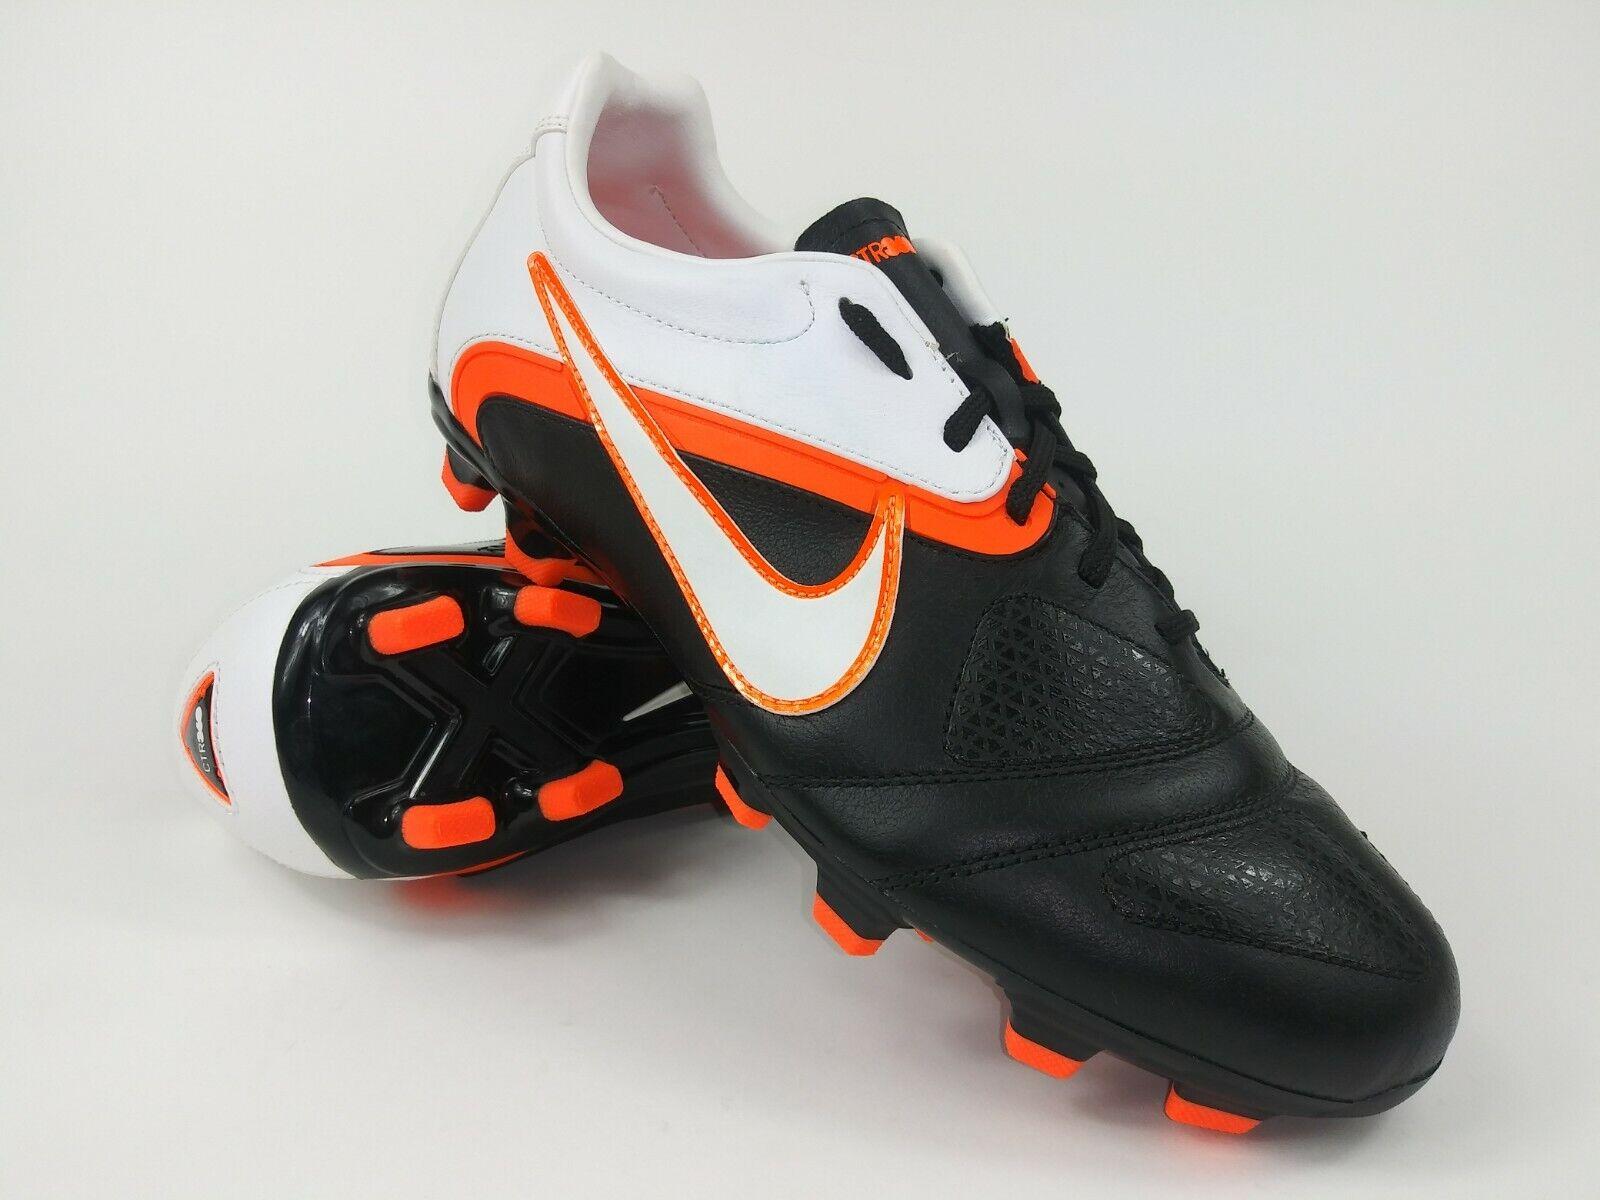 Nike Hombre Raro Ctr360 Libretto II Fg botas De Fútbol Tacos 428731-018 blancoo Negro